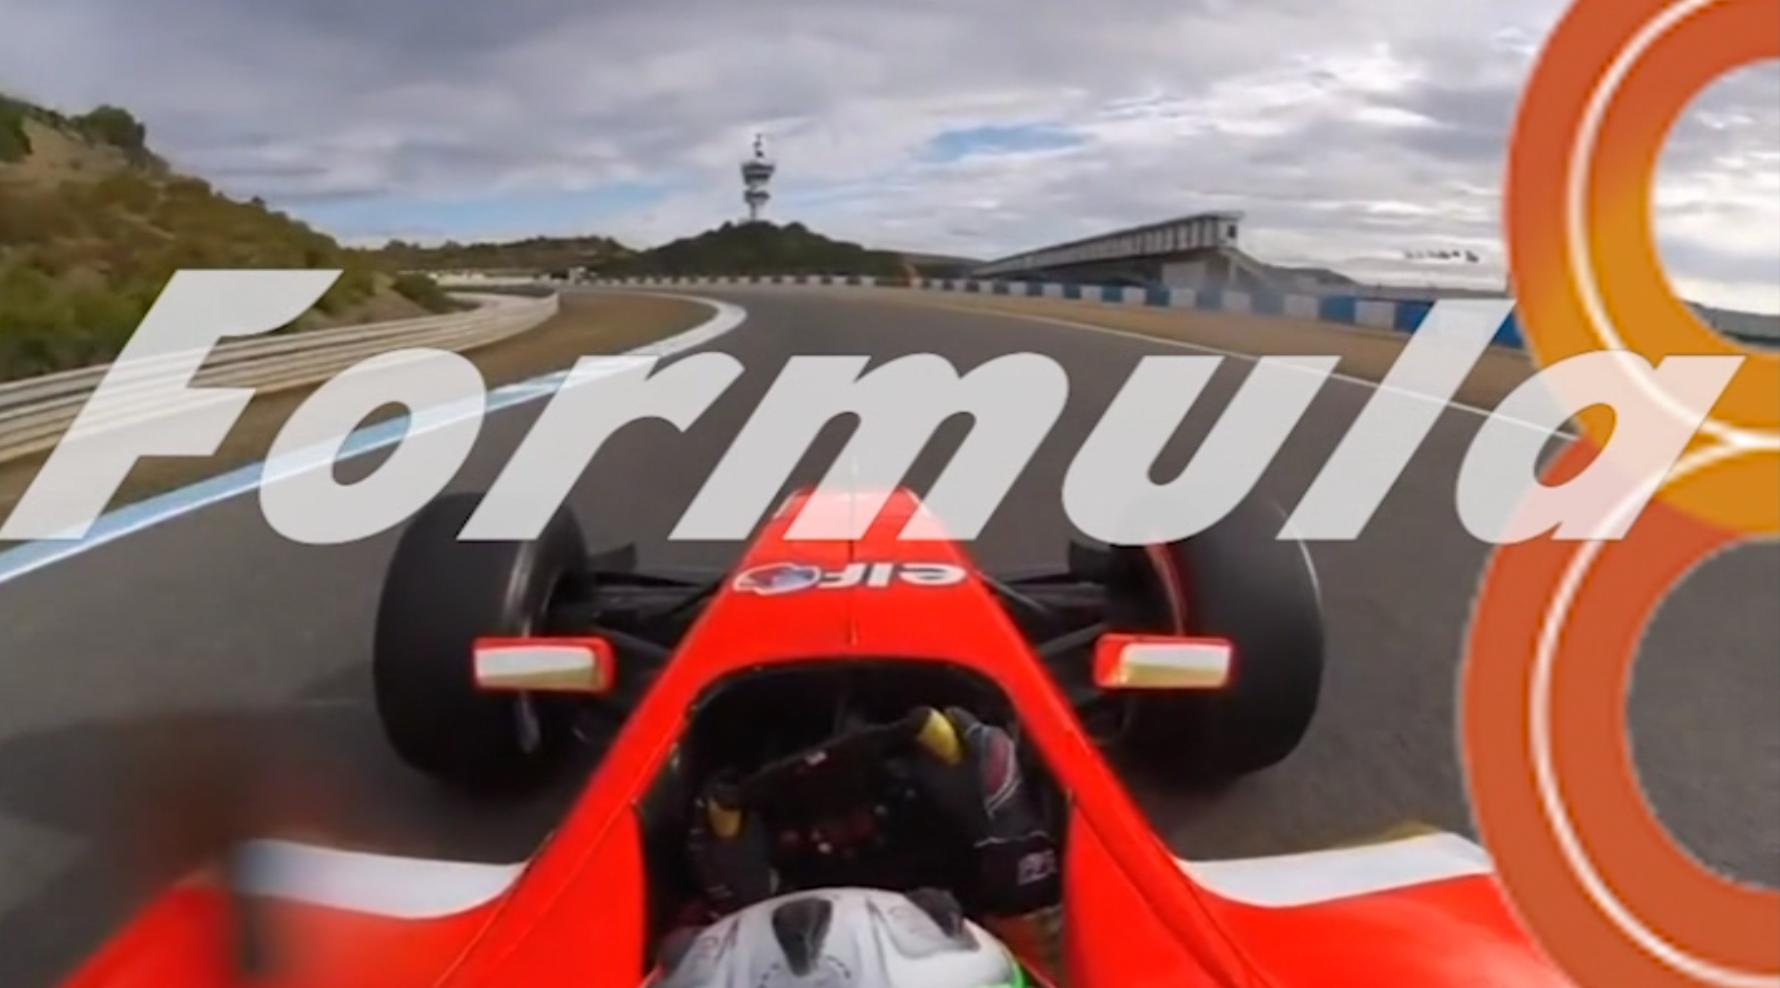 Fórmula 8 Jueves 10 Octubre 2019 (segunda parte)